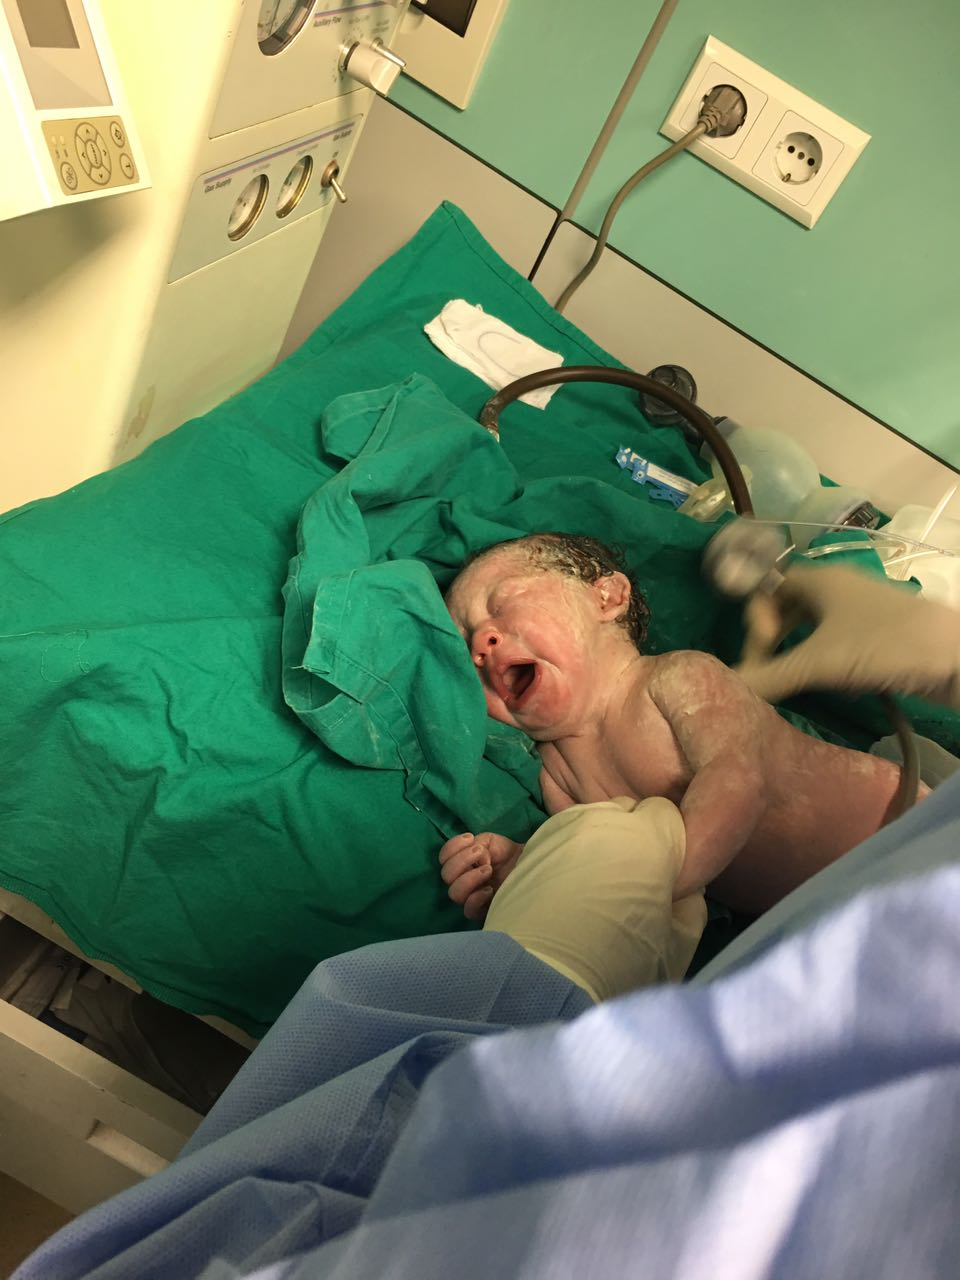 الطفلة بعد الولادة مباشرة